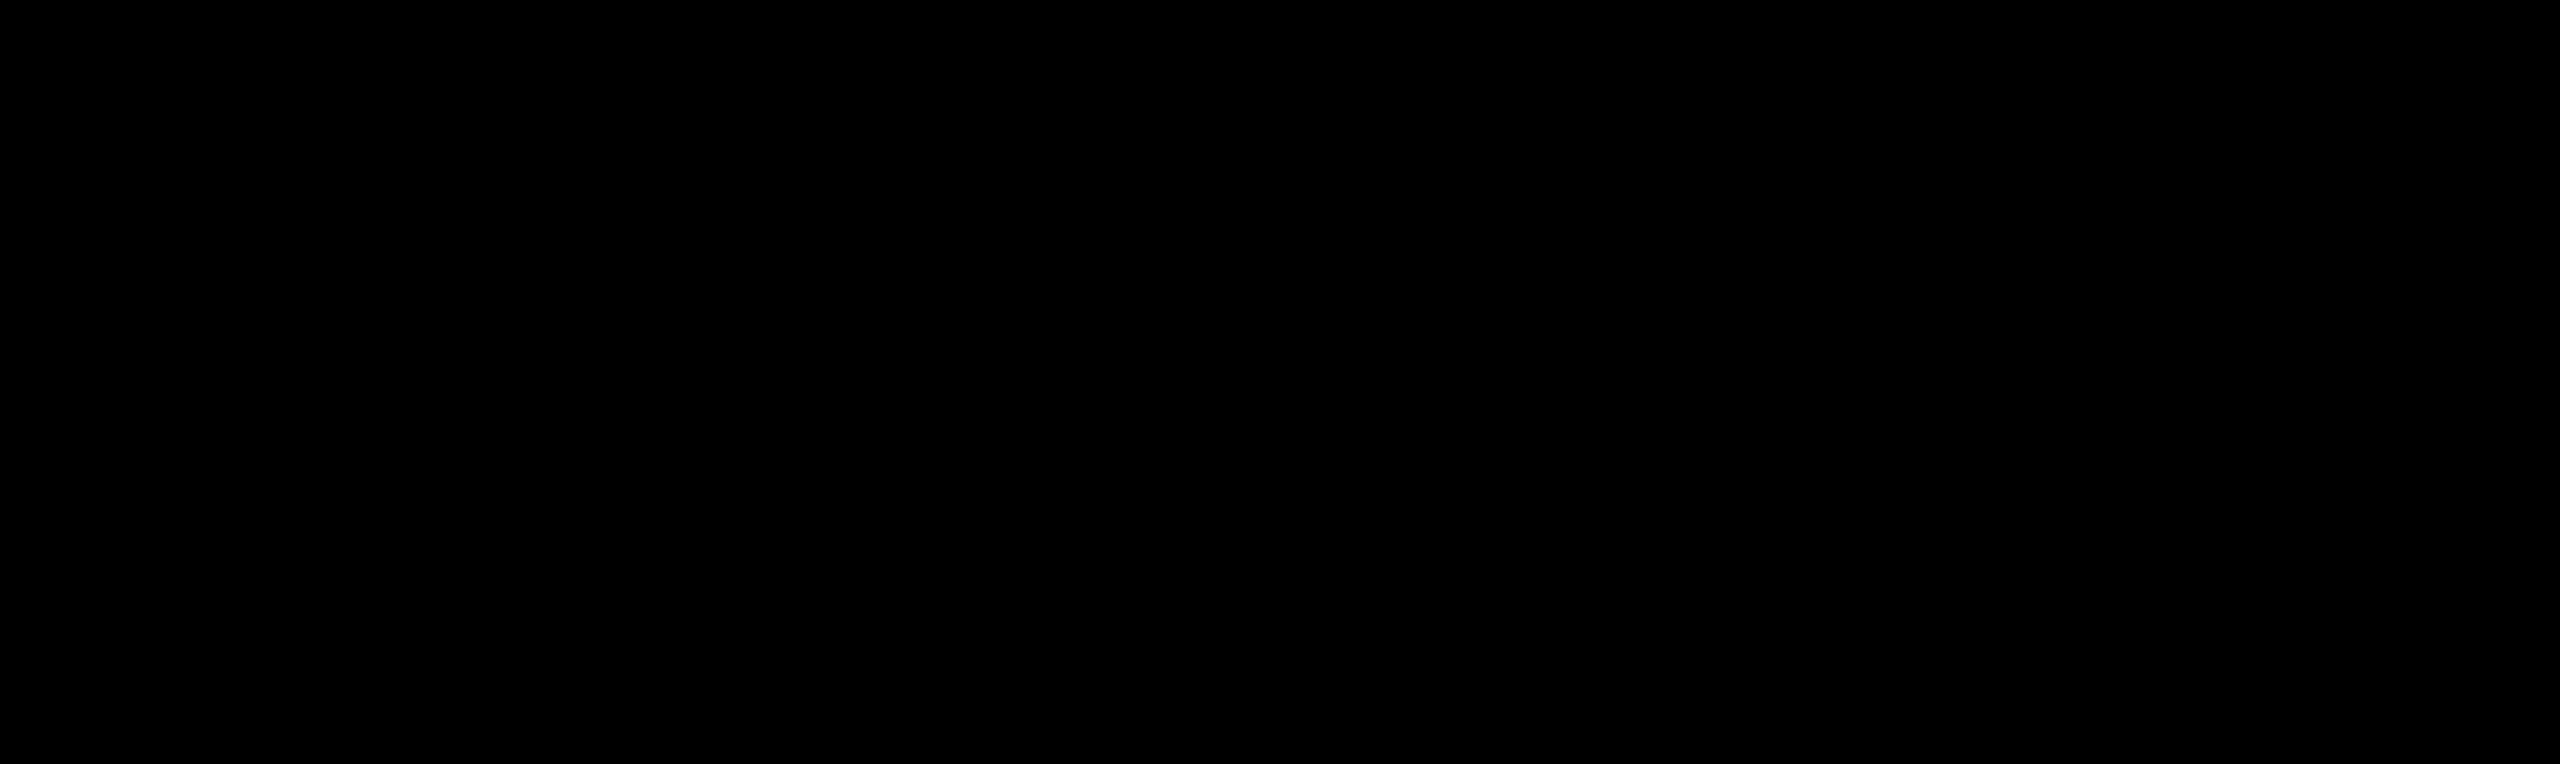 PikPng.com_black-frame-png_456100